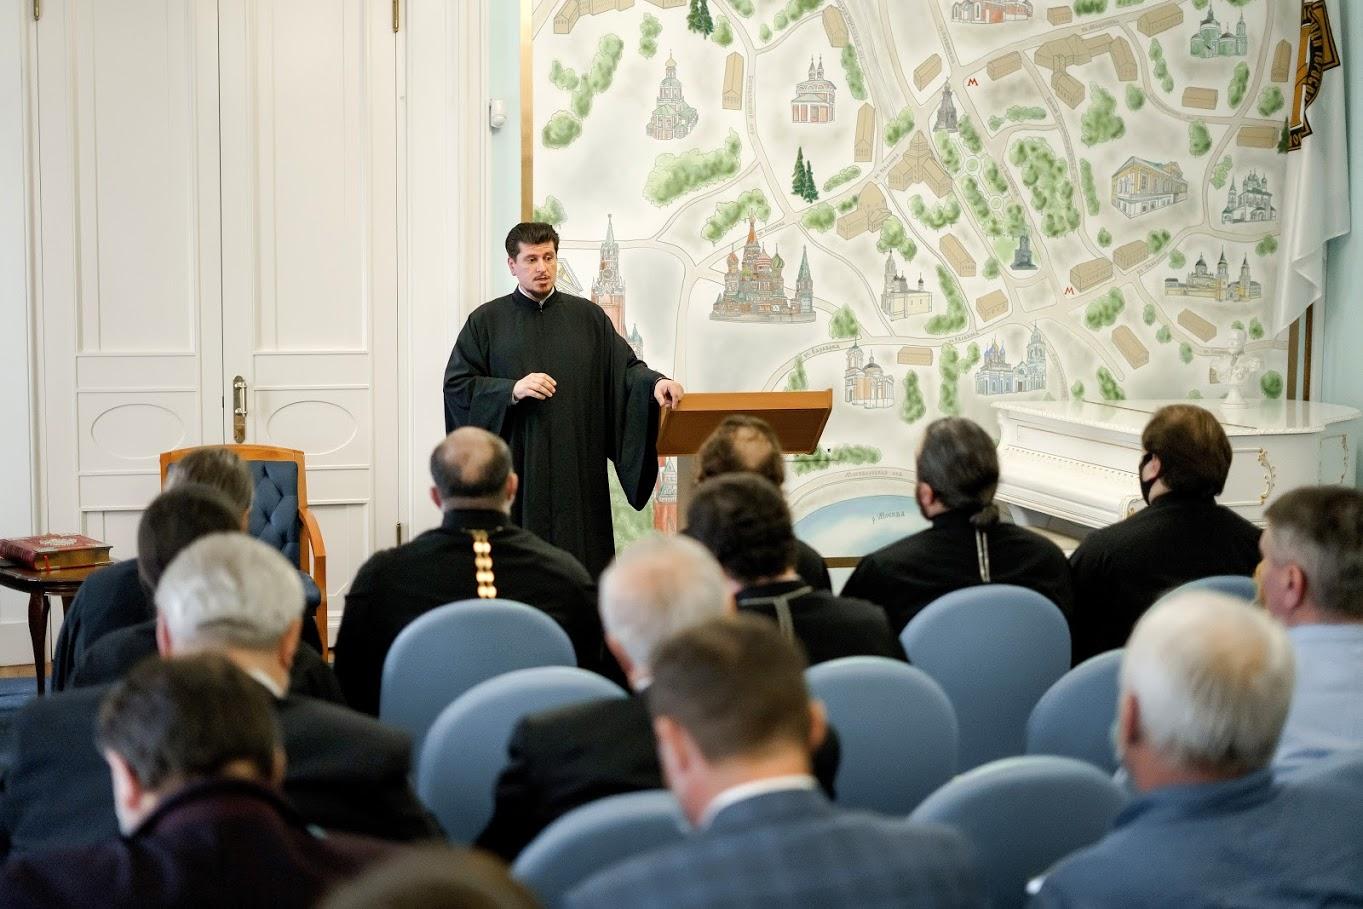 (ВЕДЕО) Вера, культура и традиции. Встреча с гагаузской диаспорой в Москве